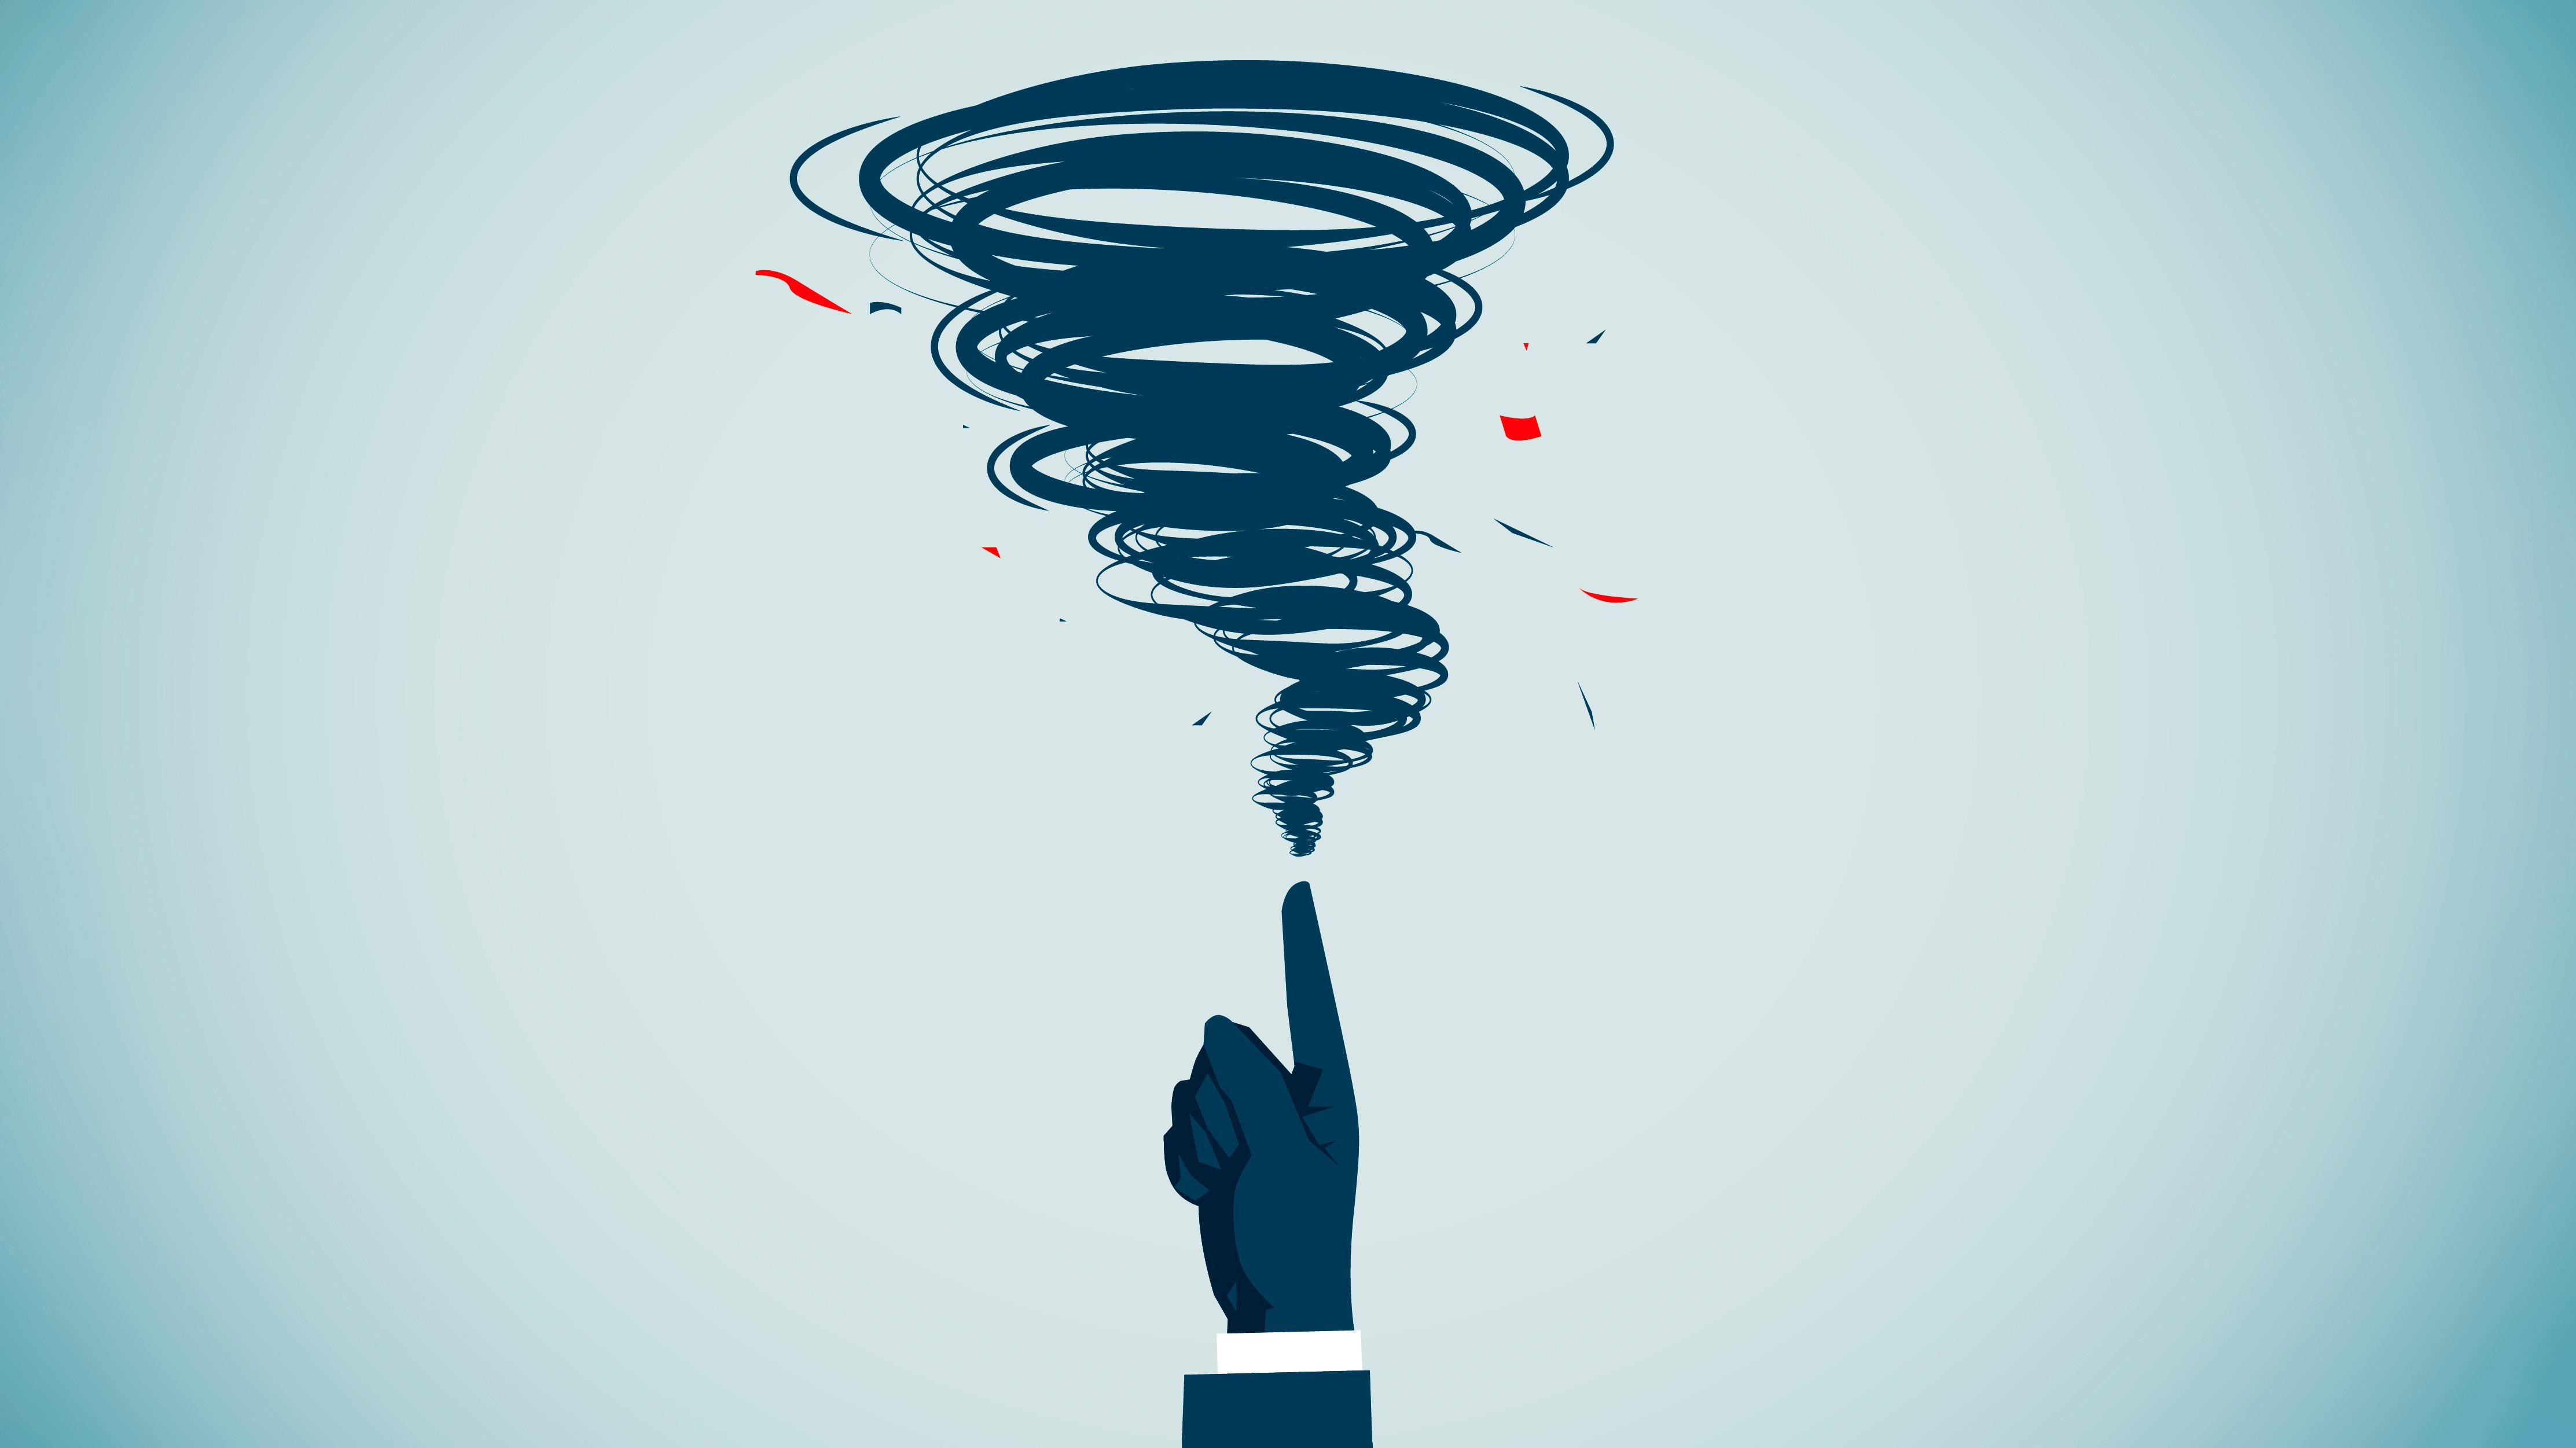 Liderar empresas cuando hay tormenta, por Milagros Avendaño